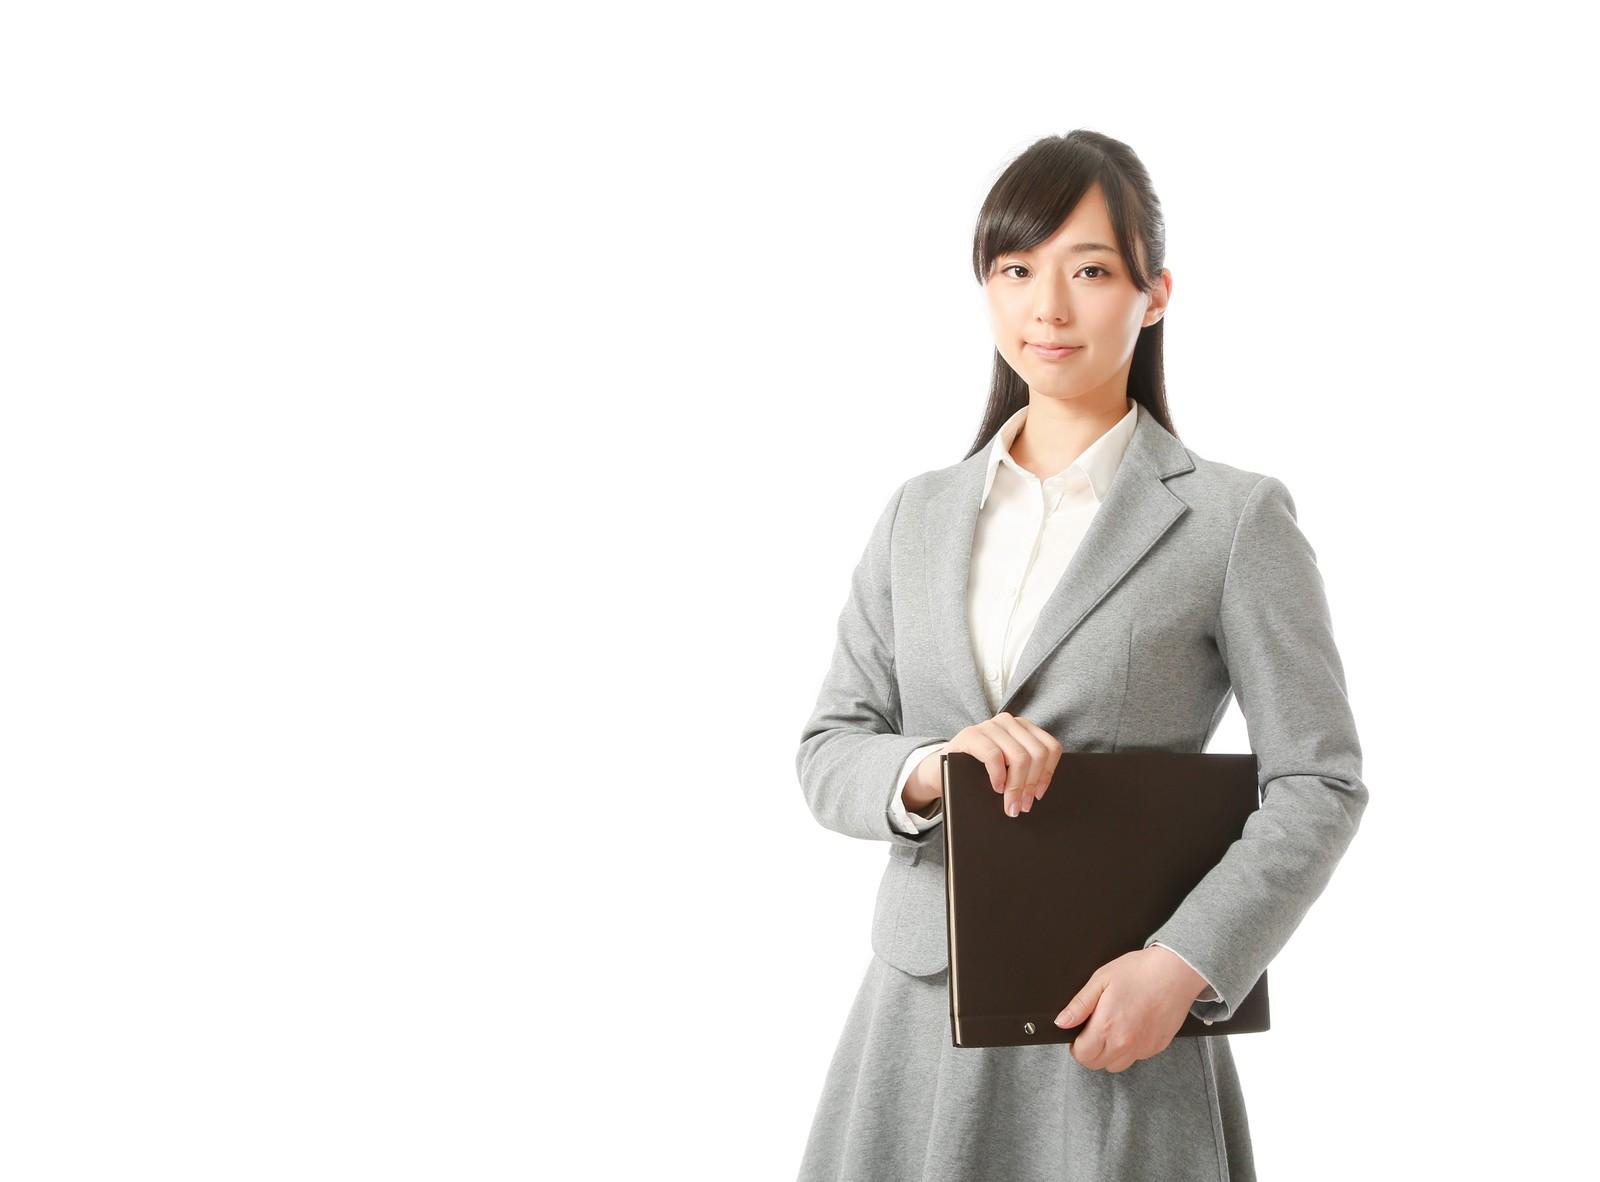 定年後や退職後のために資格を取得するのなら簡単な資格より難関資格